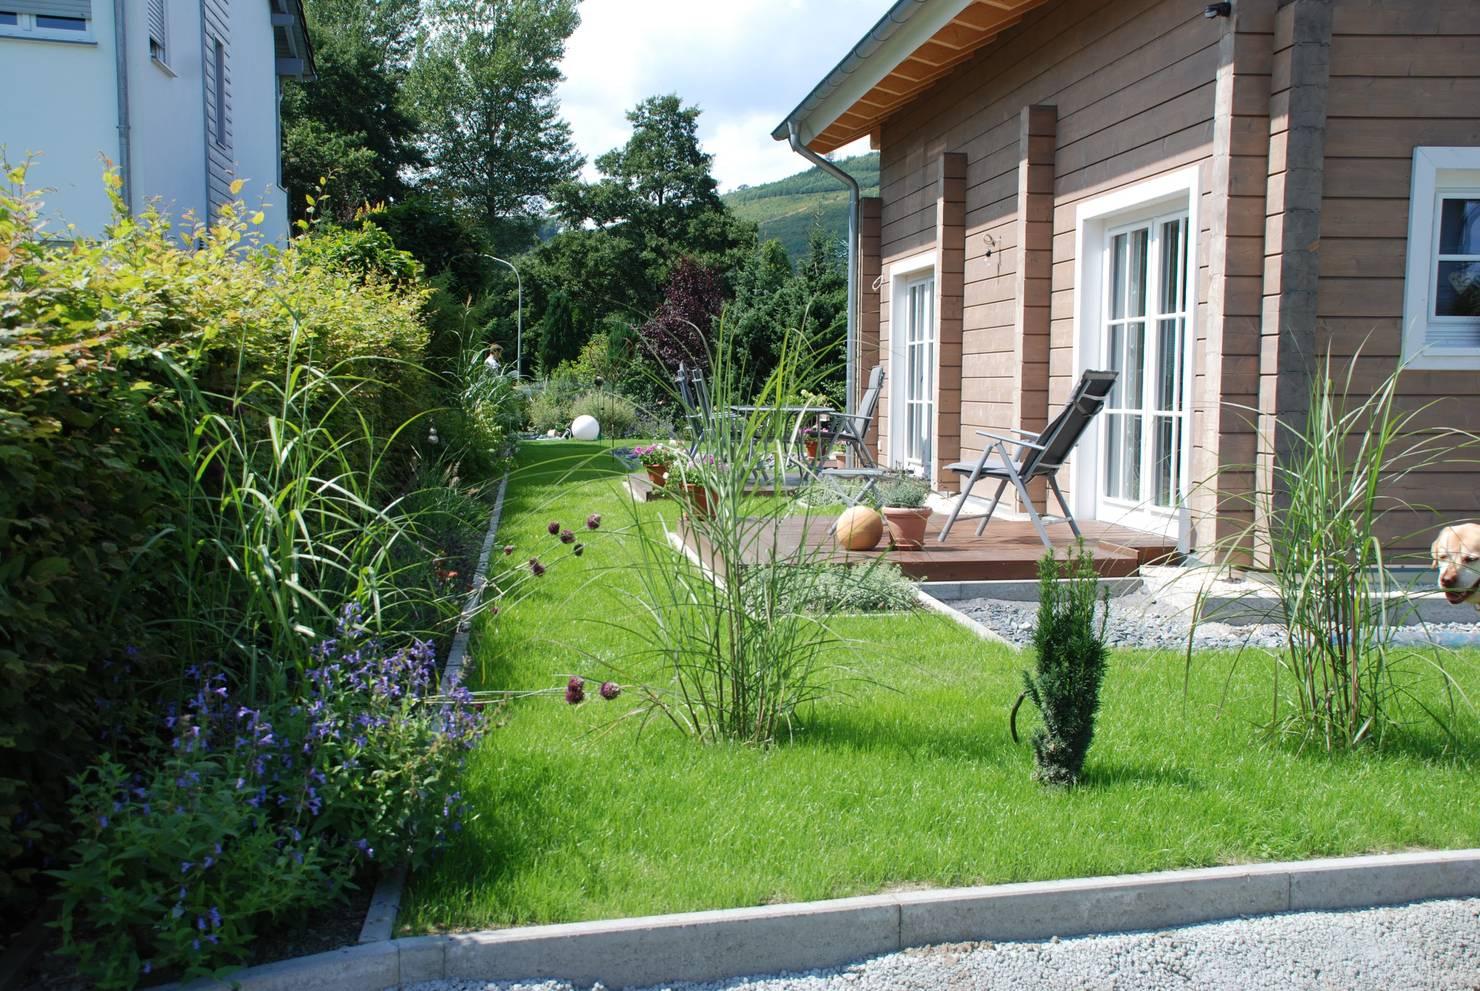 Découvrez le jardin idéal pour profiter du soleil !